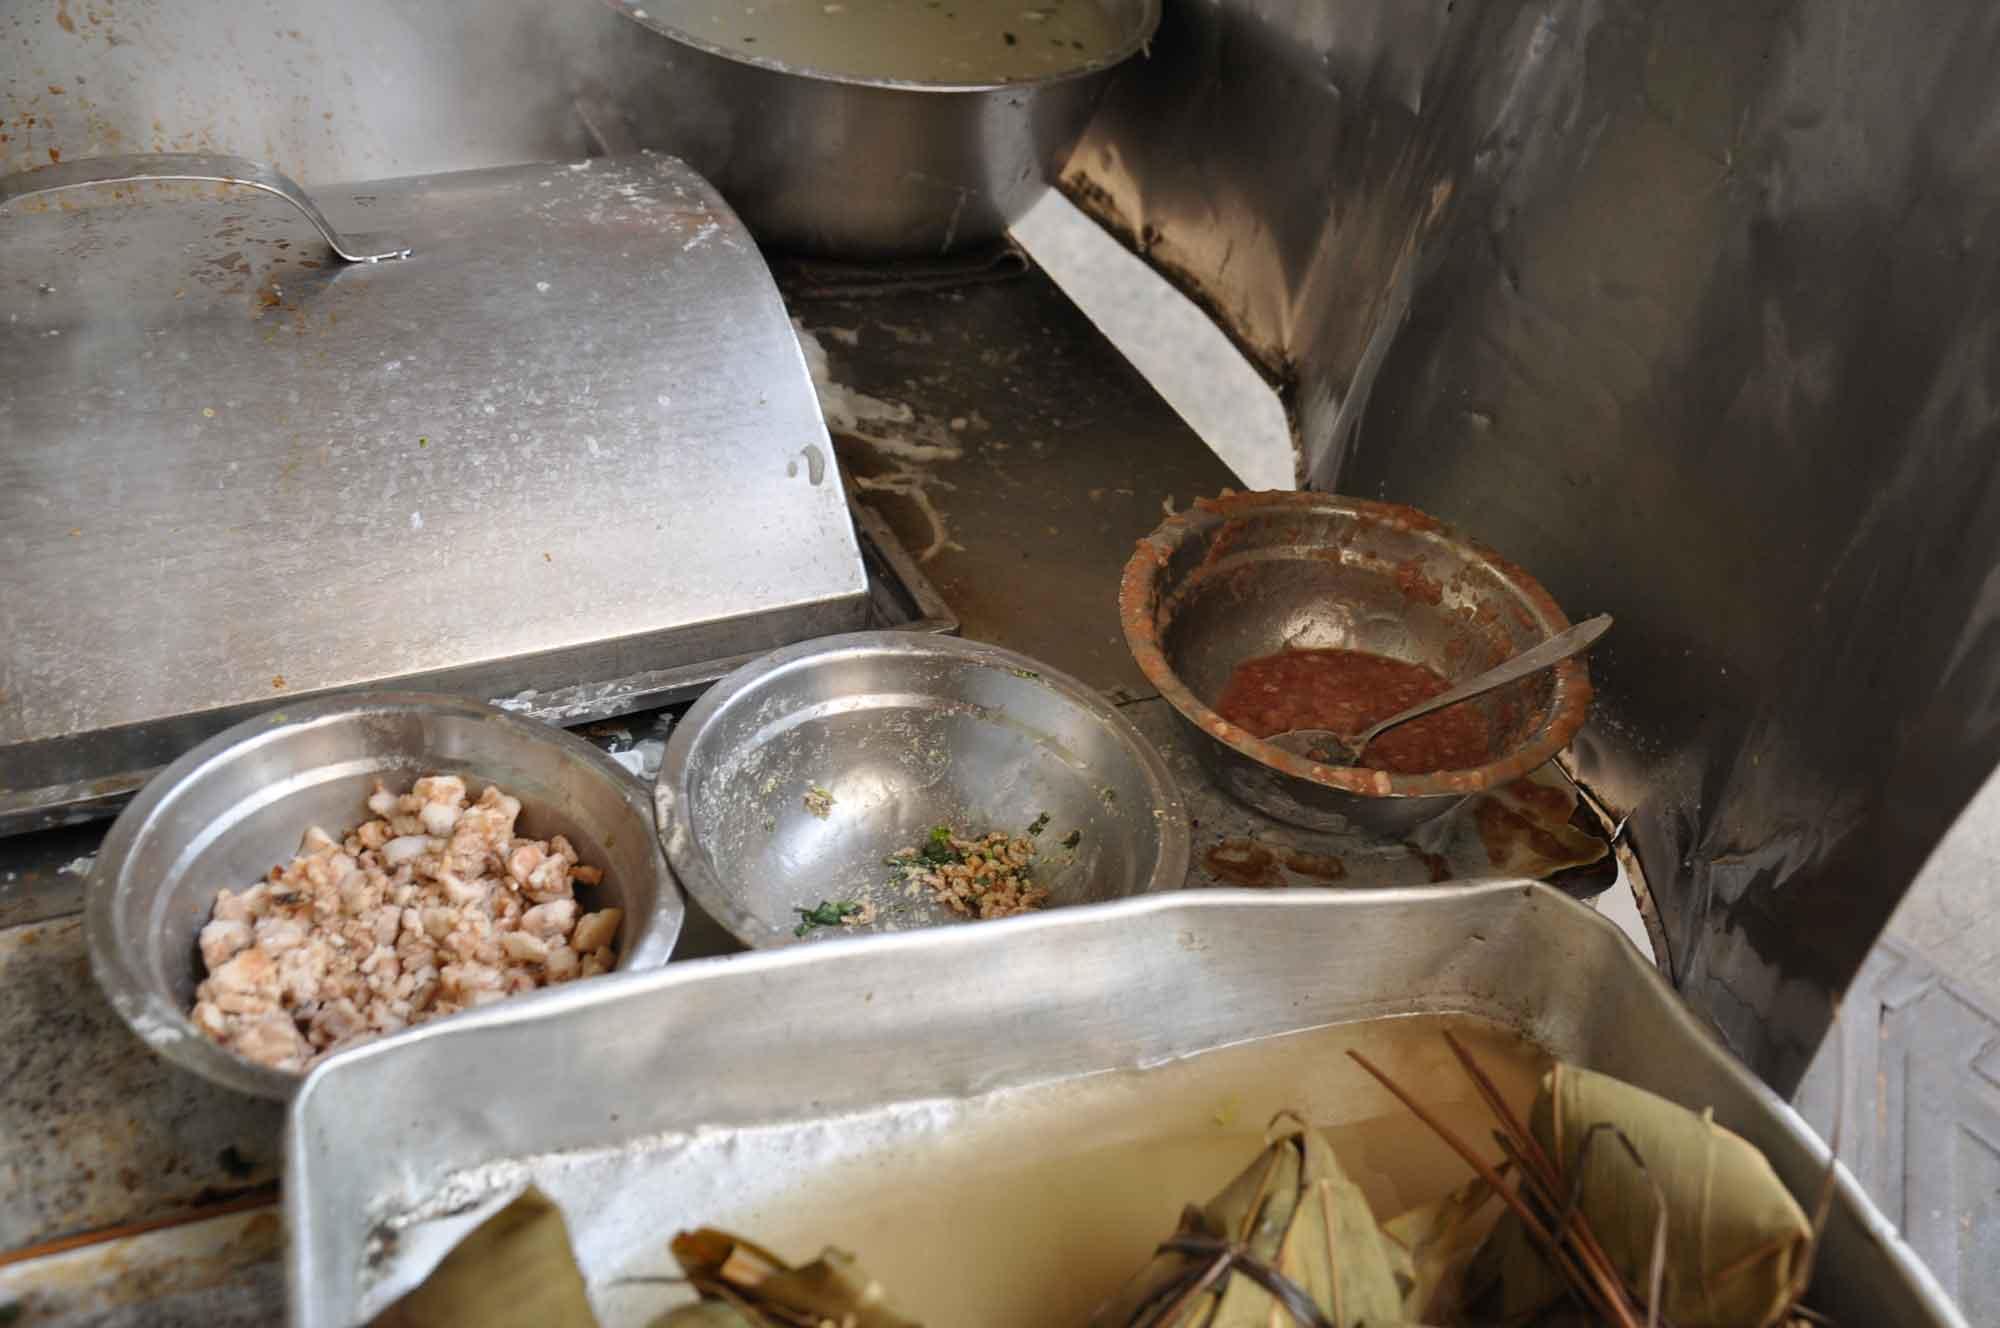 Hoi Un Sio Sek pigs guts noodles